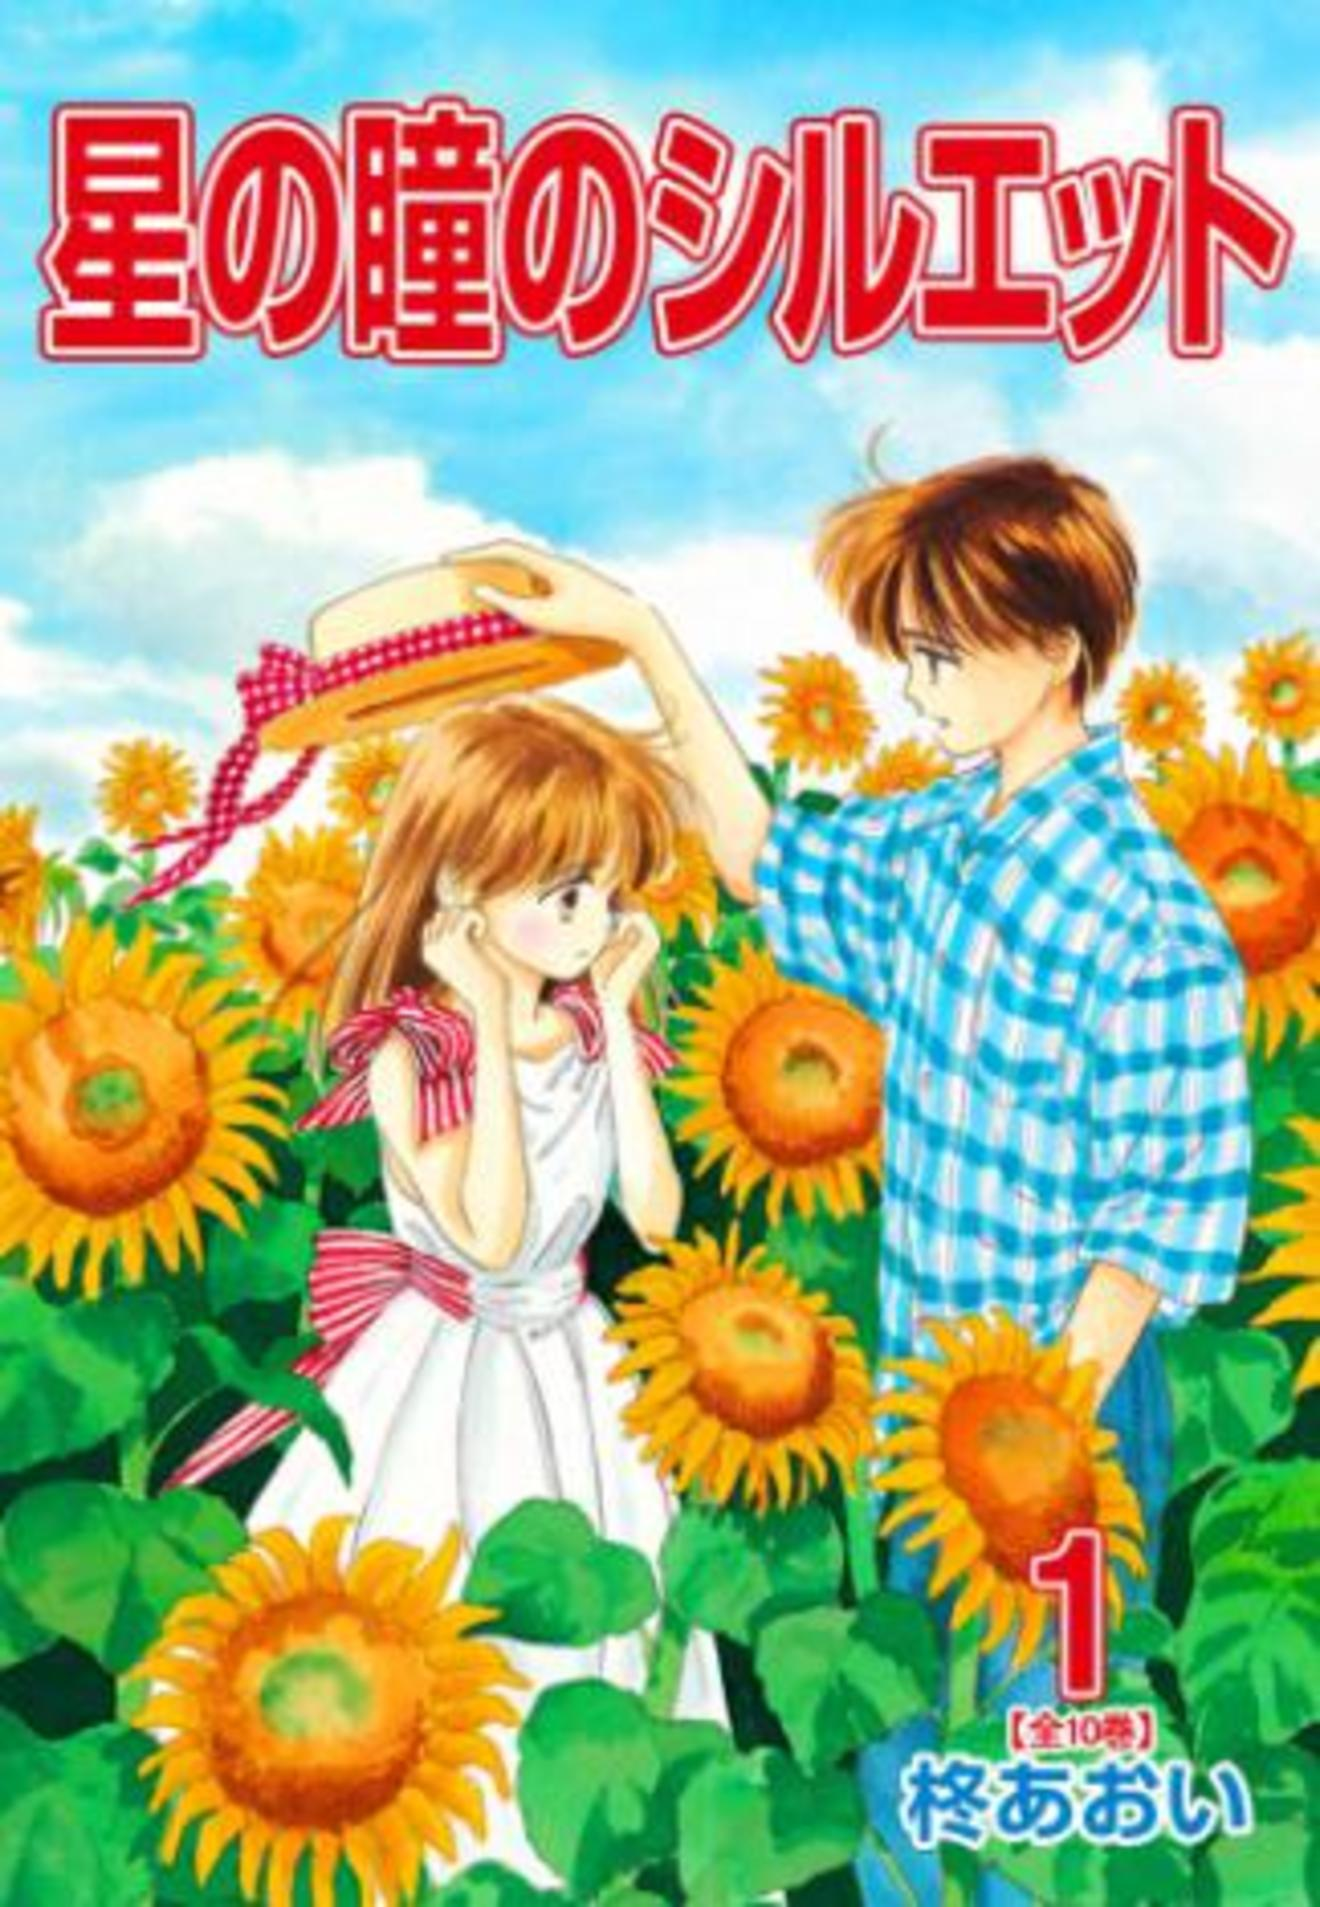 『星の瞳のシルエット』が面白い!名作少女漫画の魅力を全巻ネタバレ紹介!